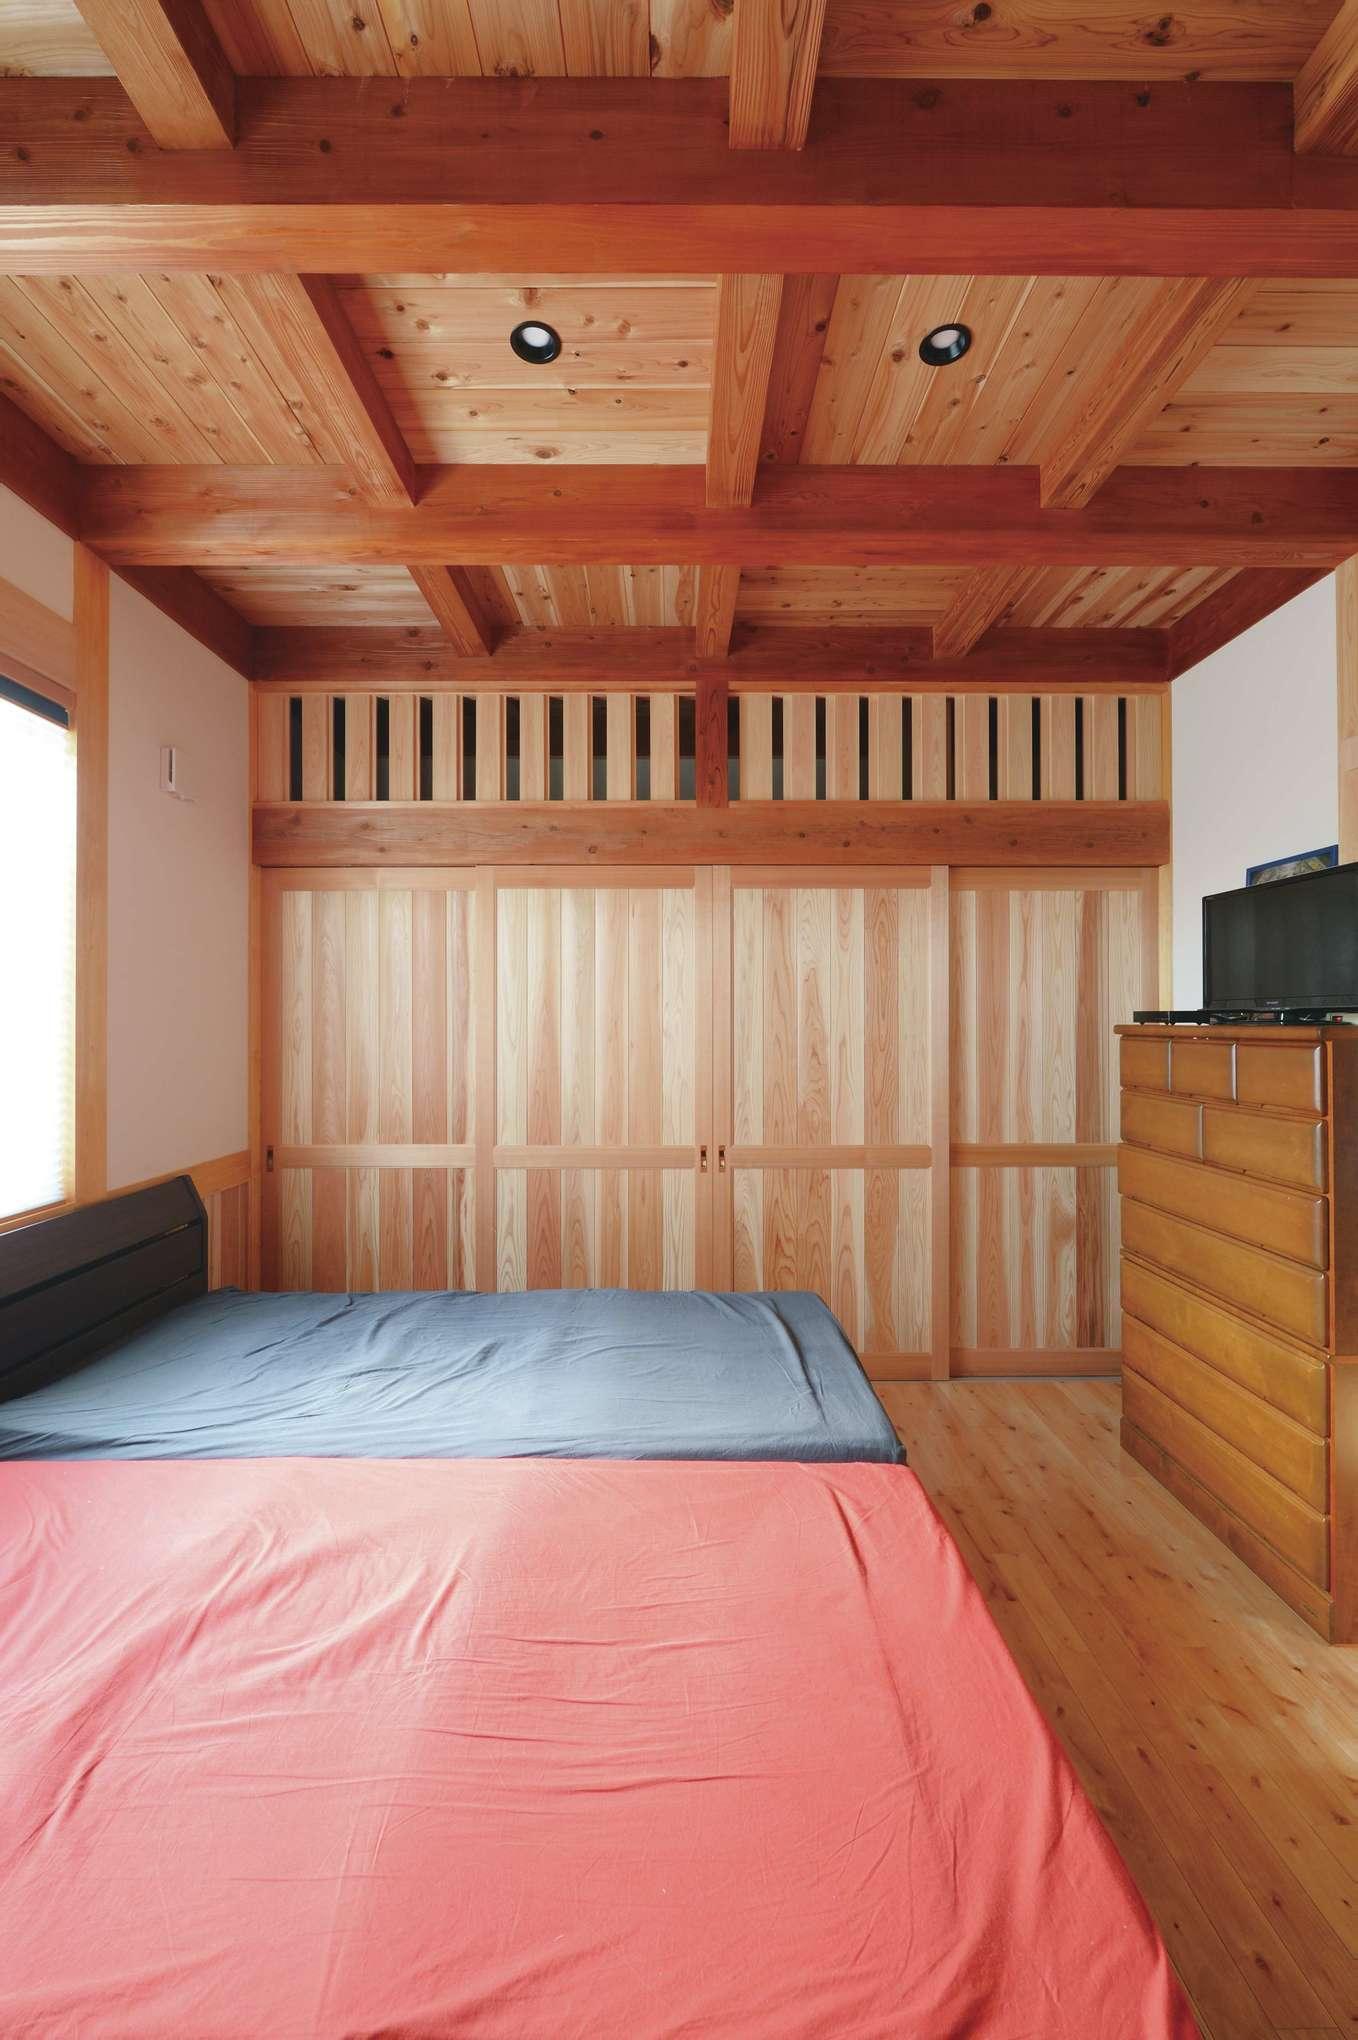 堀田建築【デザイン住宅、自然素材、夫婦で暮らす】寝室にある壁一面の収納も大工が造作。扉の上は通気性のいい無双窓になっている